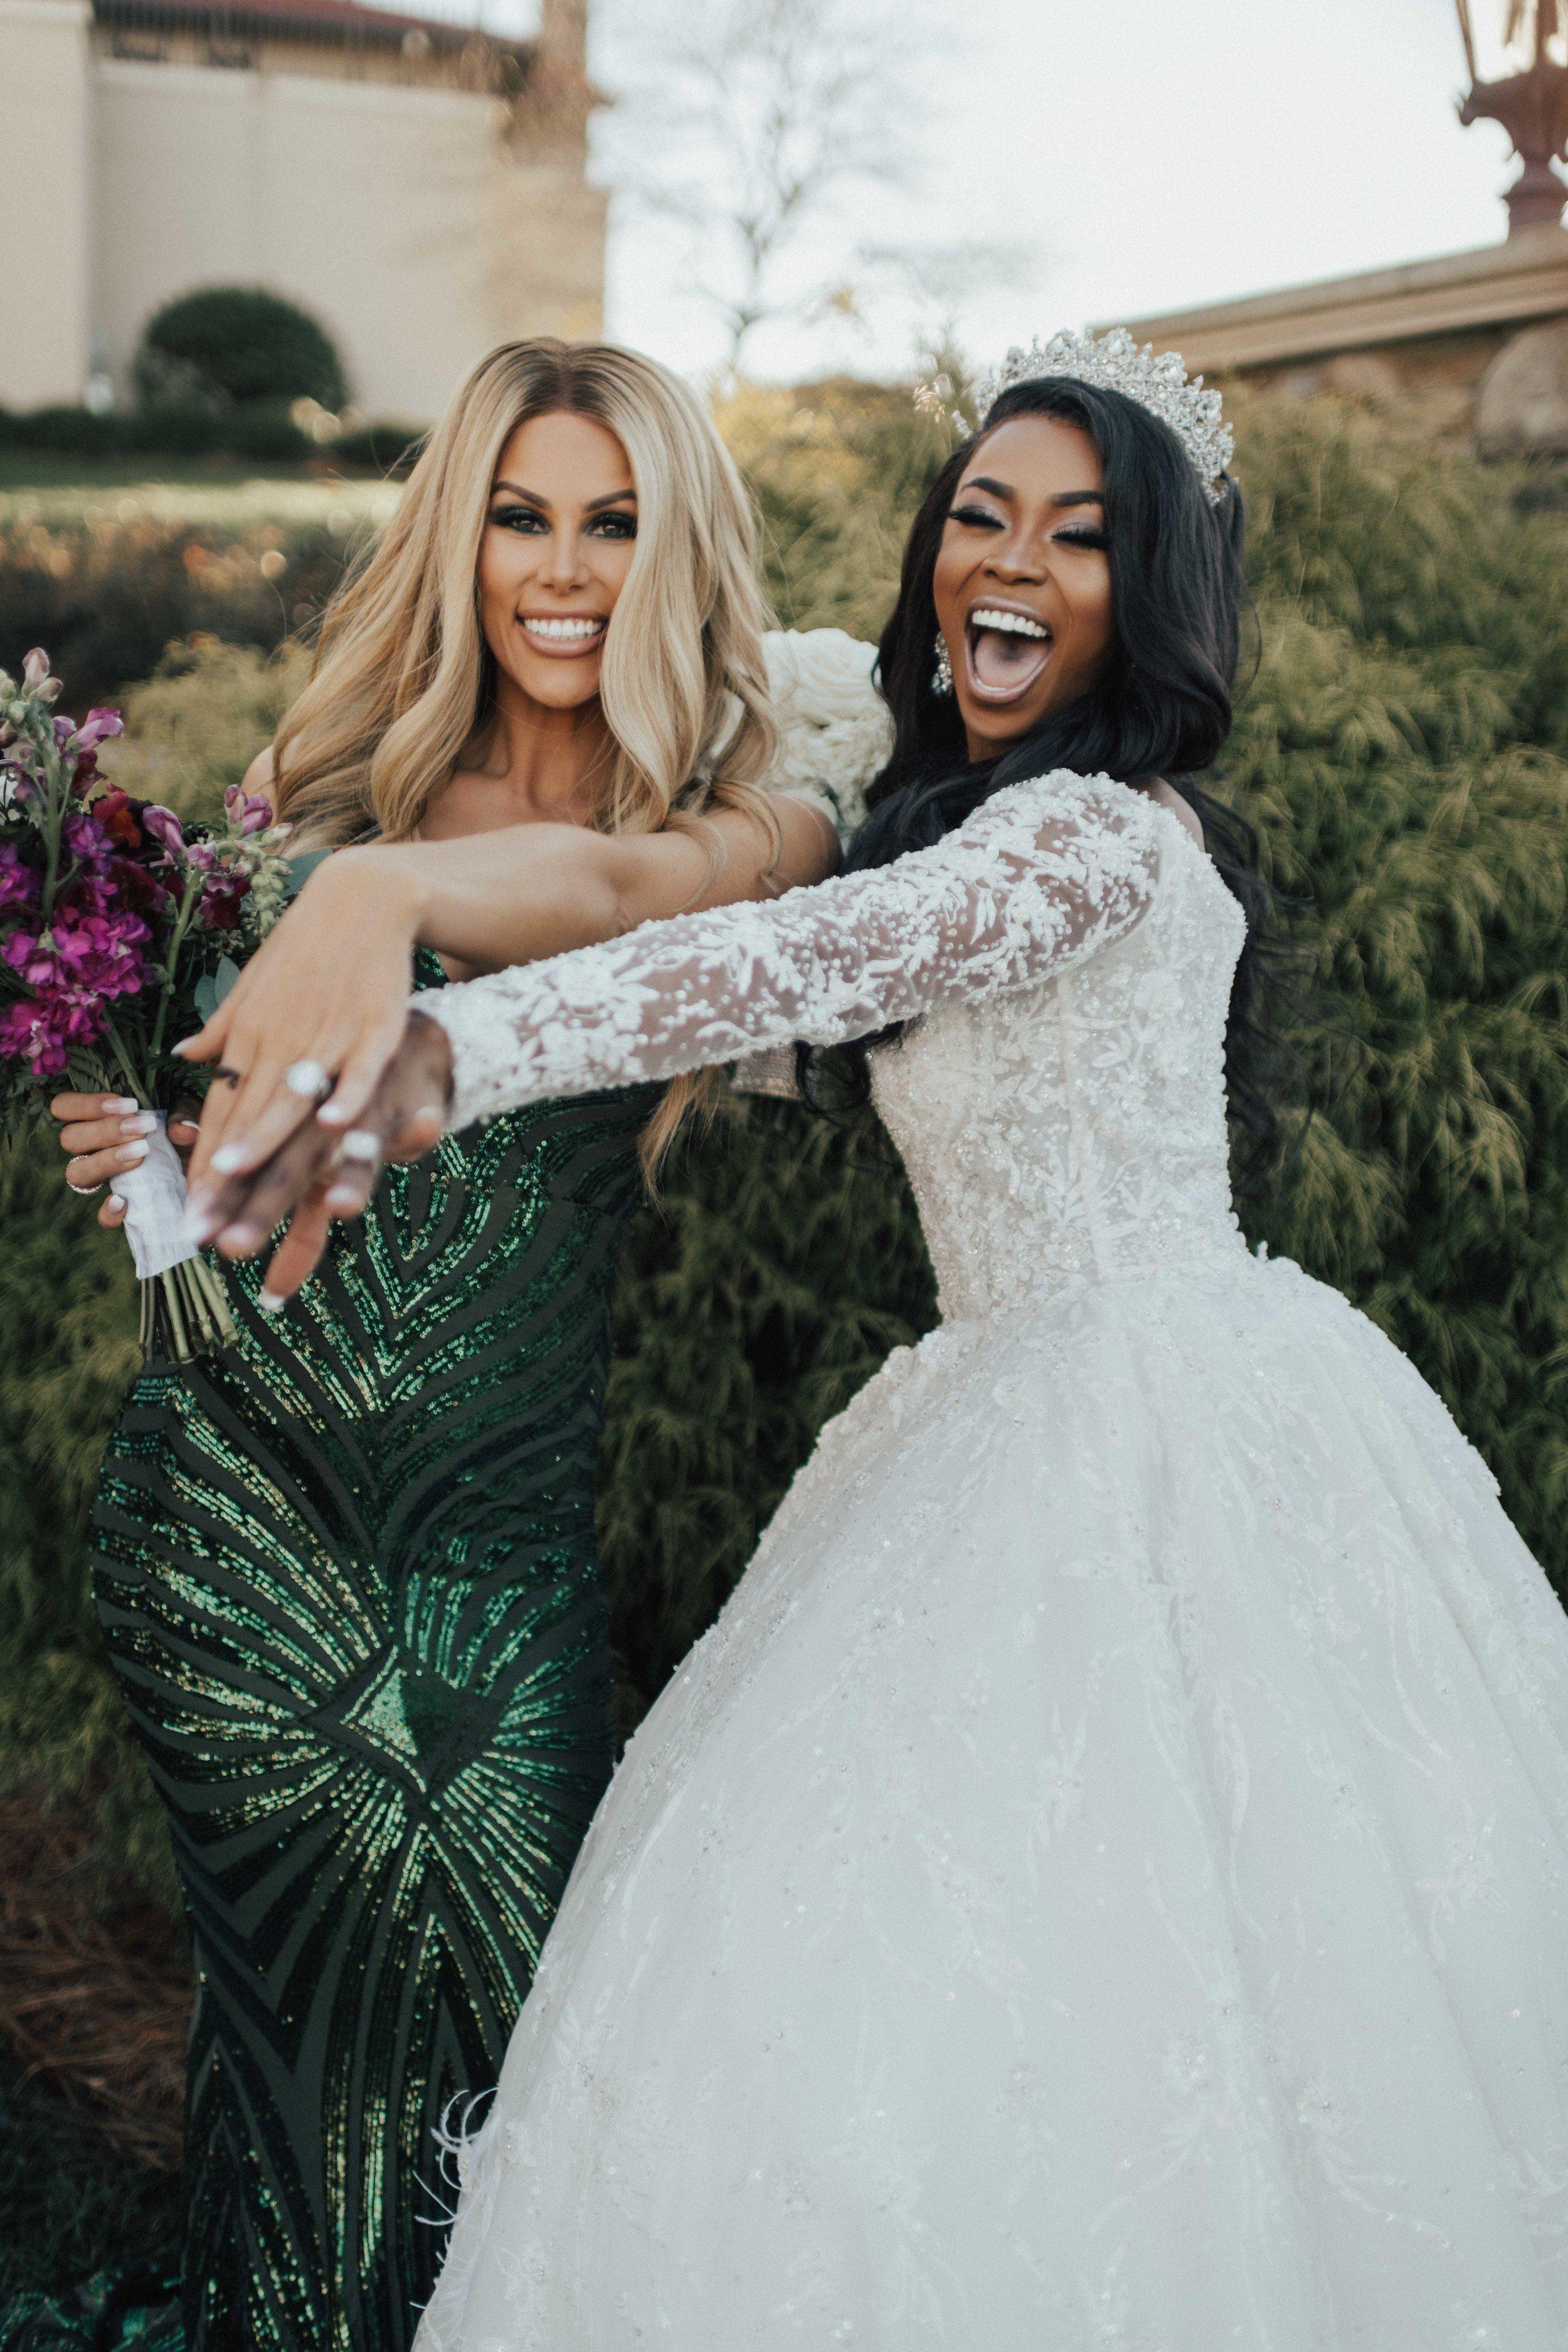 My Best Friends Wedding Wedding Photoshoot Best Friend Wedding